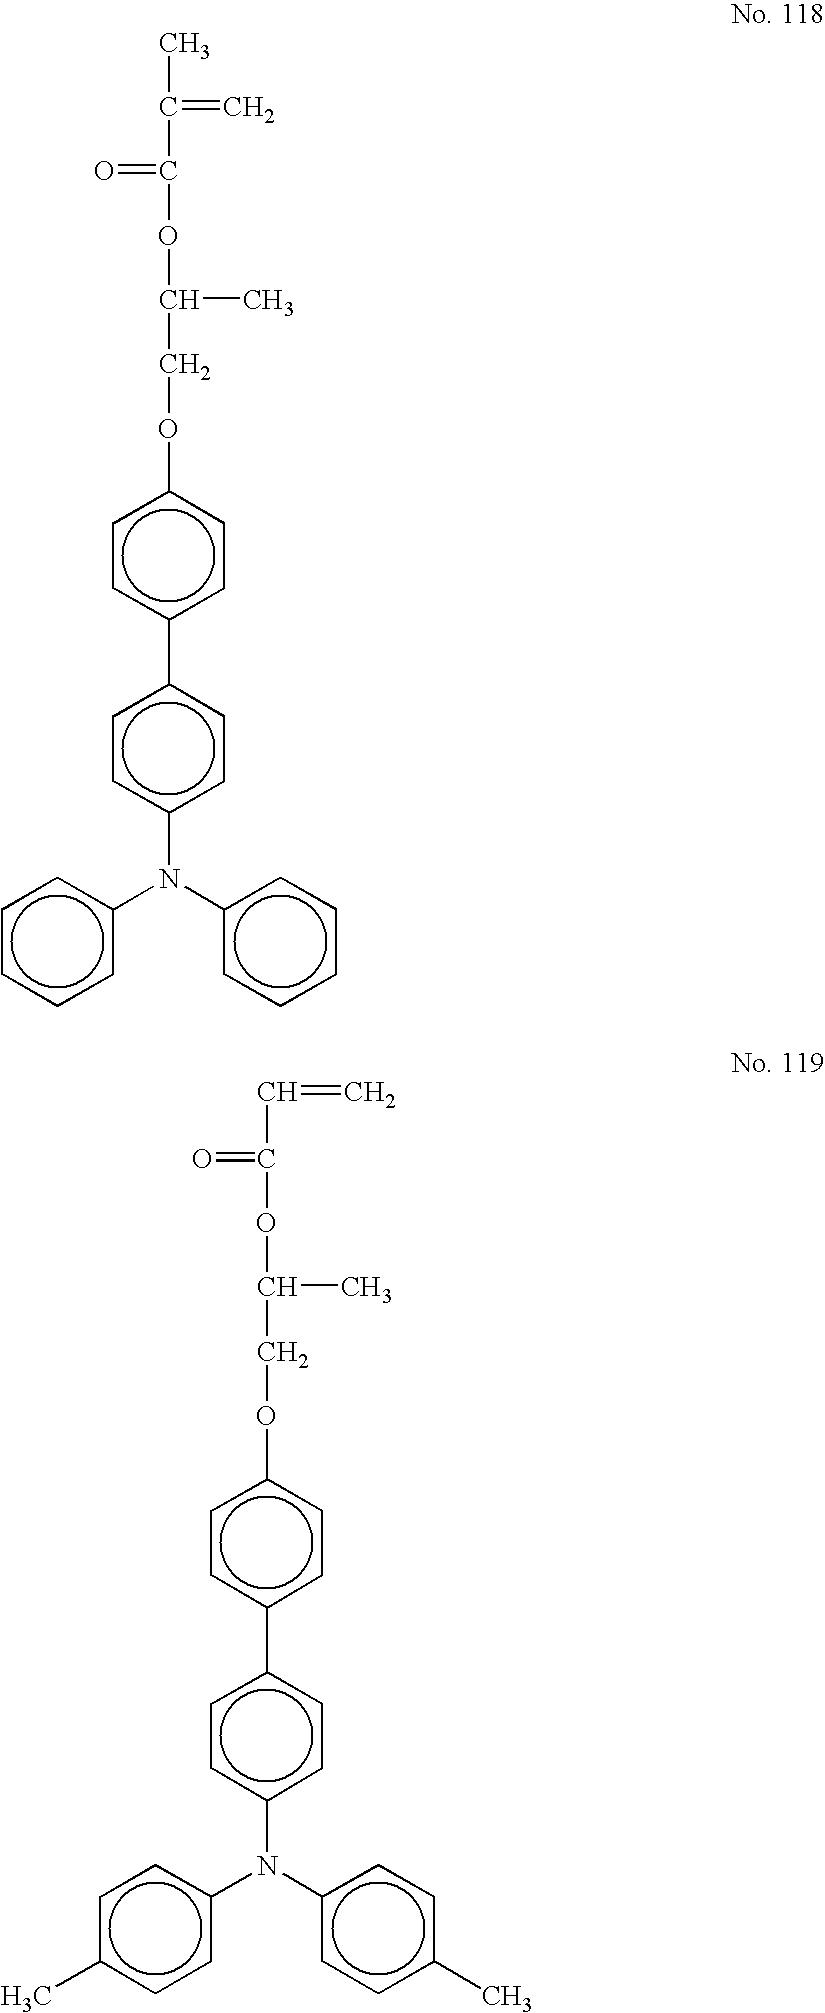 Figure US20050158641A1-20050721-C00054